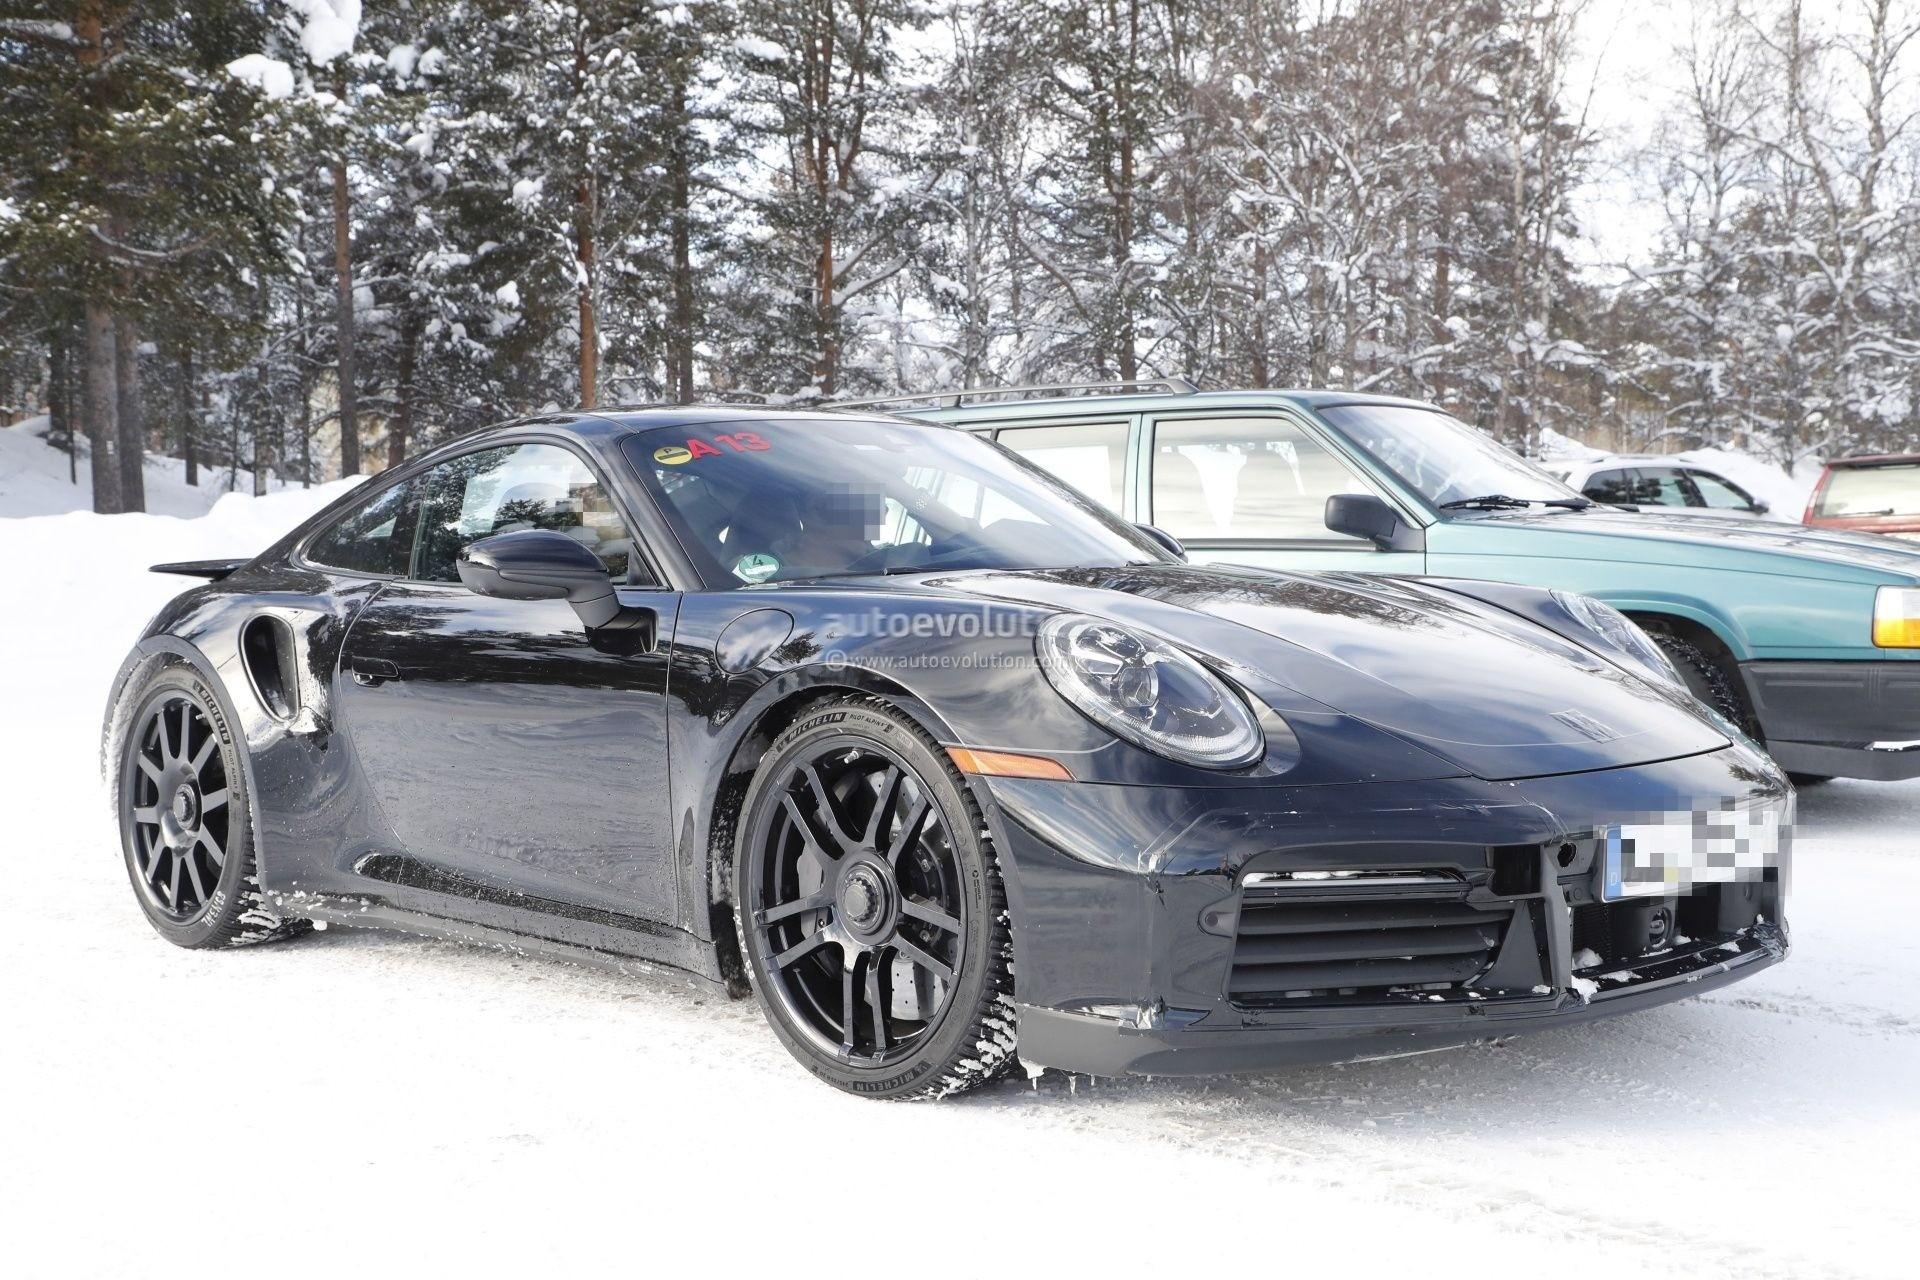 Spyshots Next Generation Porsche 911 Gt3 992 Won T Go